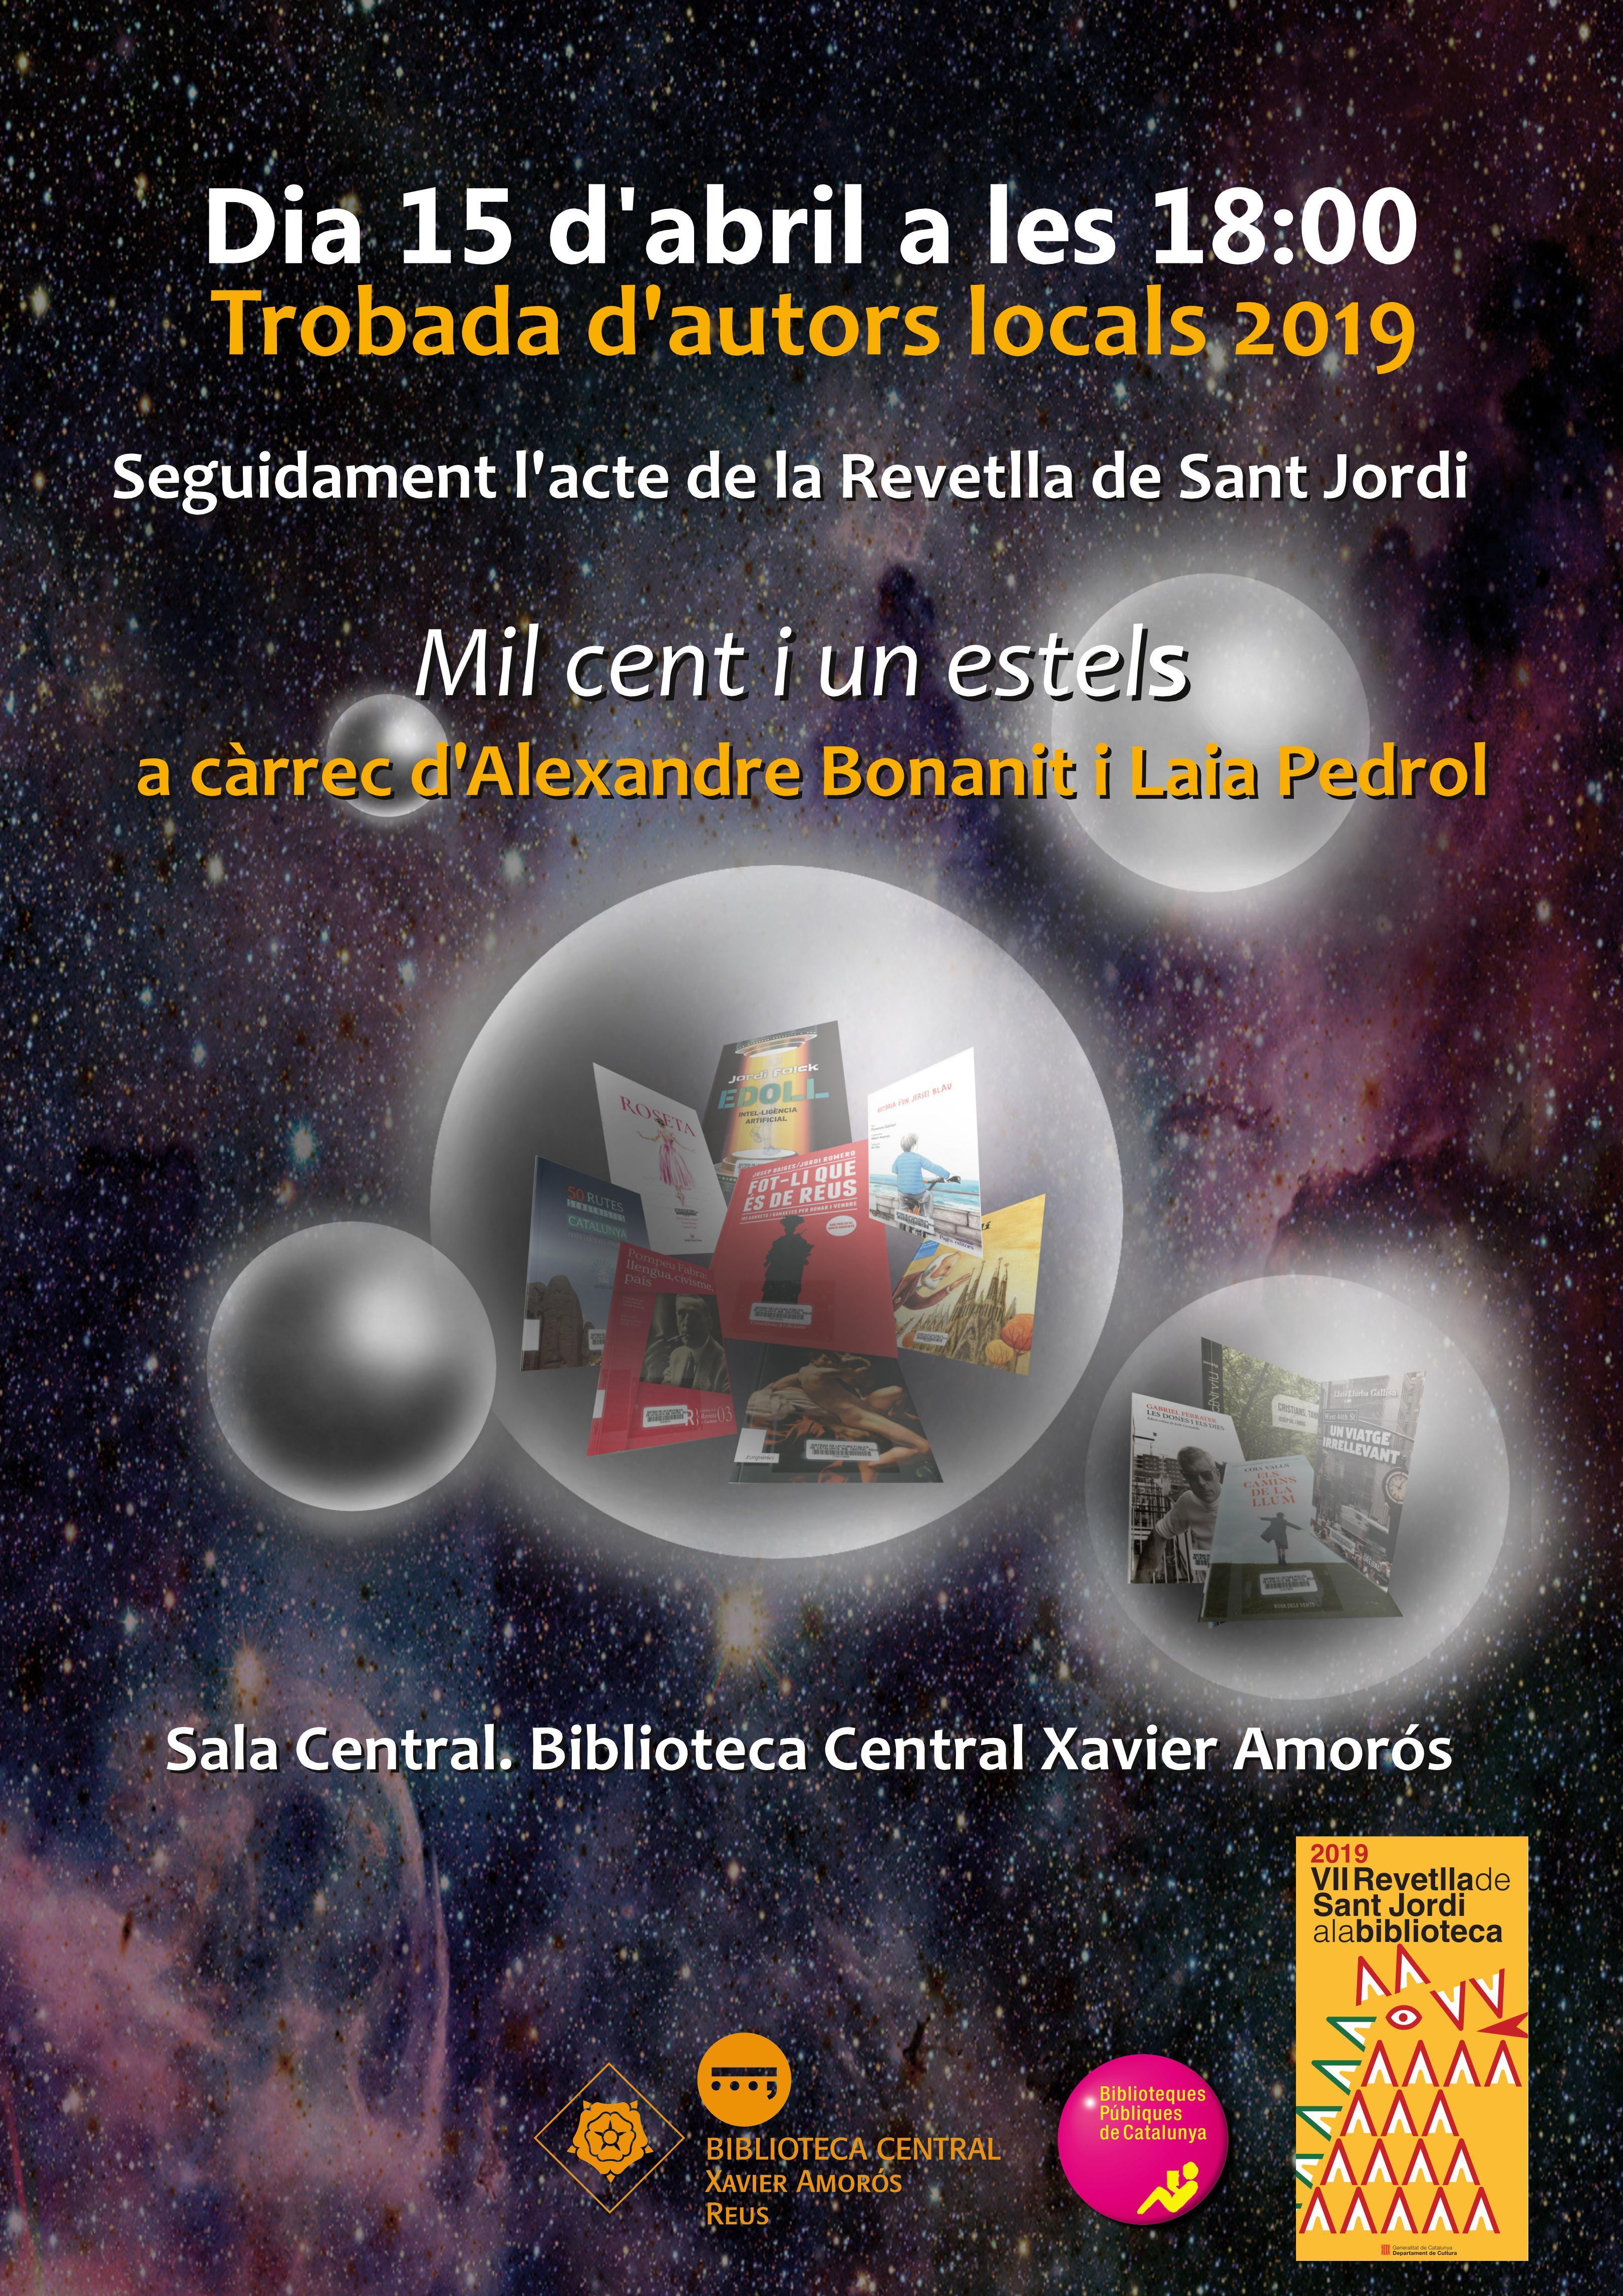 Trobada d'autors locals Sant Jordi 2019